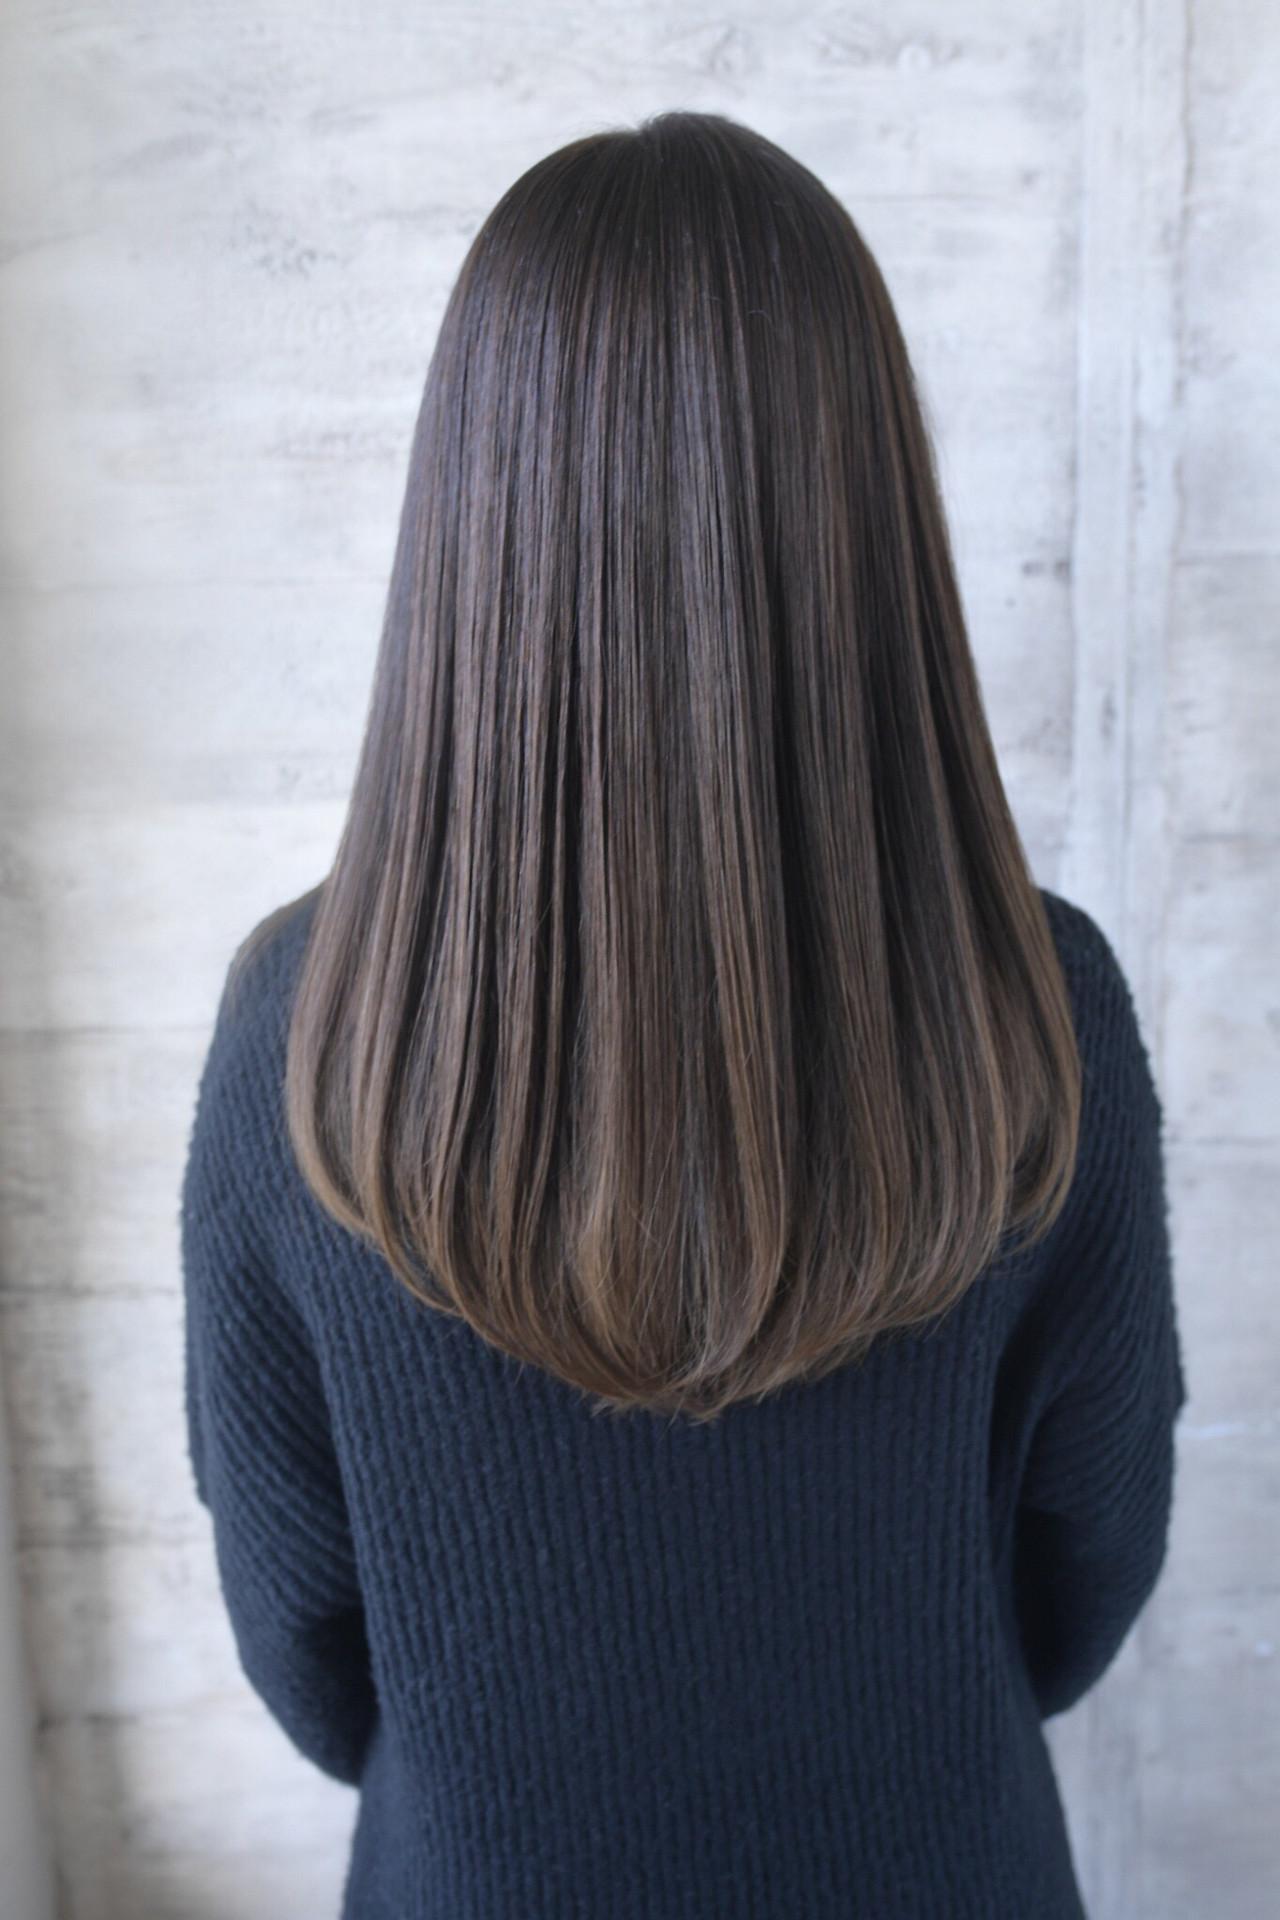 ロング 艶髪 清楚 透明感 ヘアスタイルや髪型の写真・画像